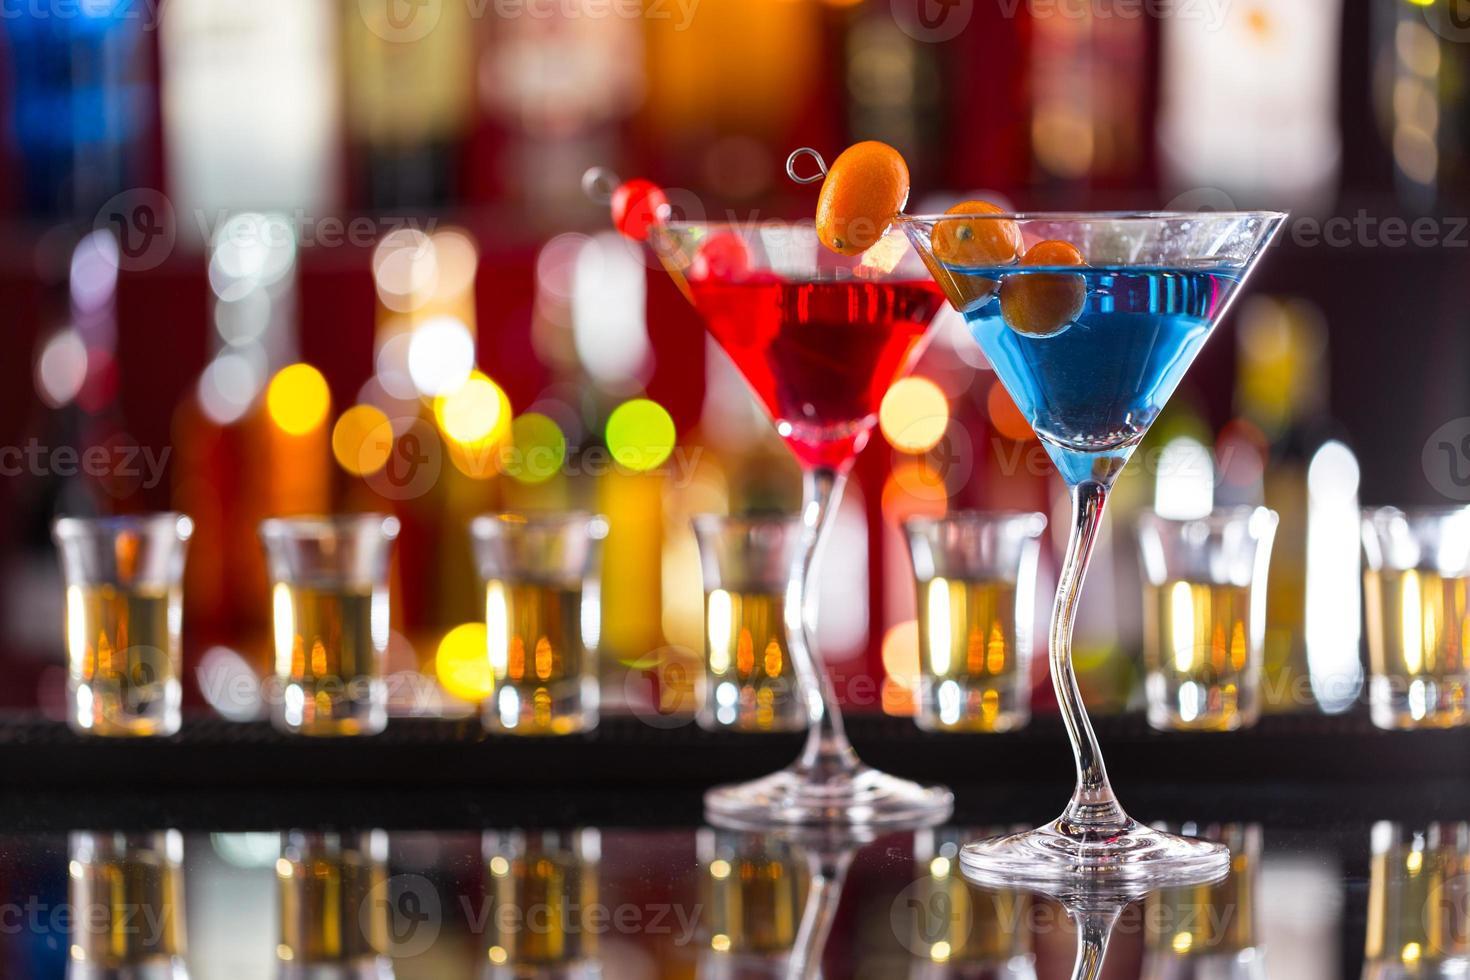 bebidas de martini servidas no balcão do bar foto